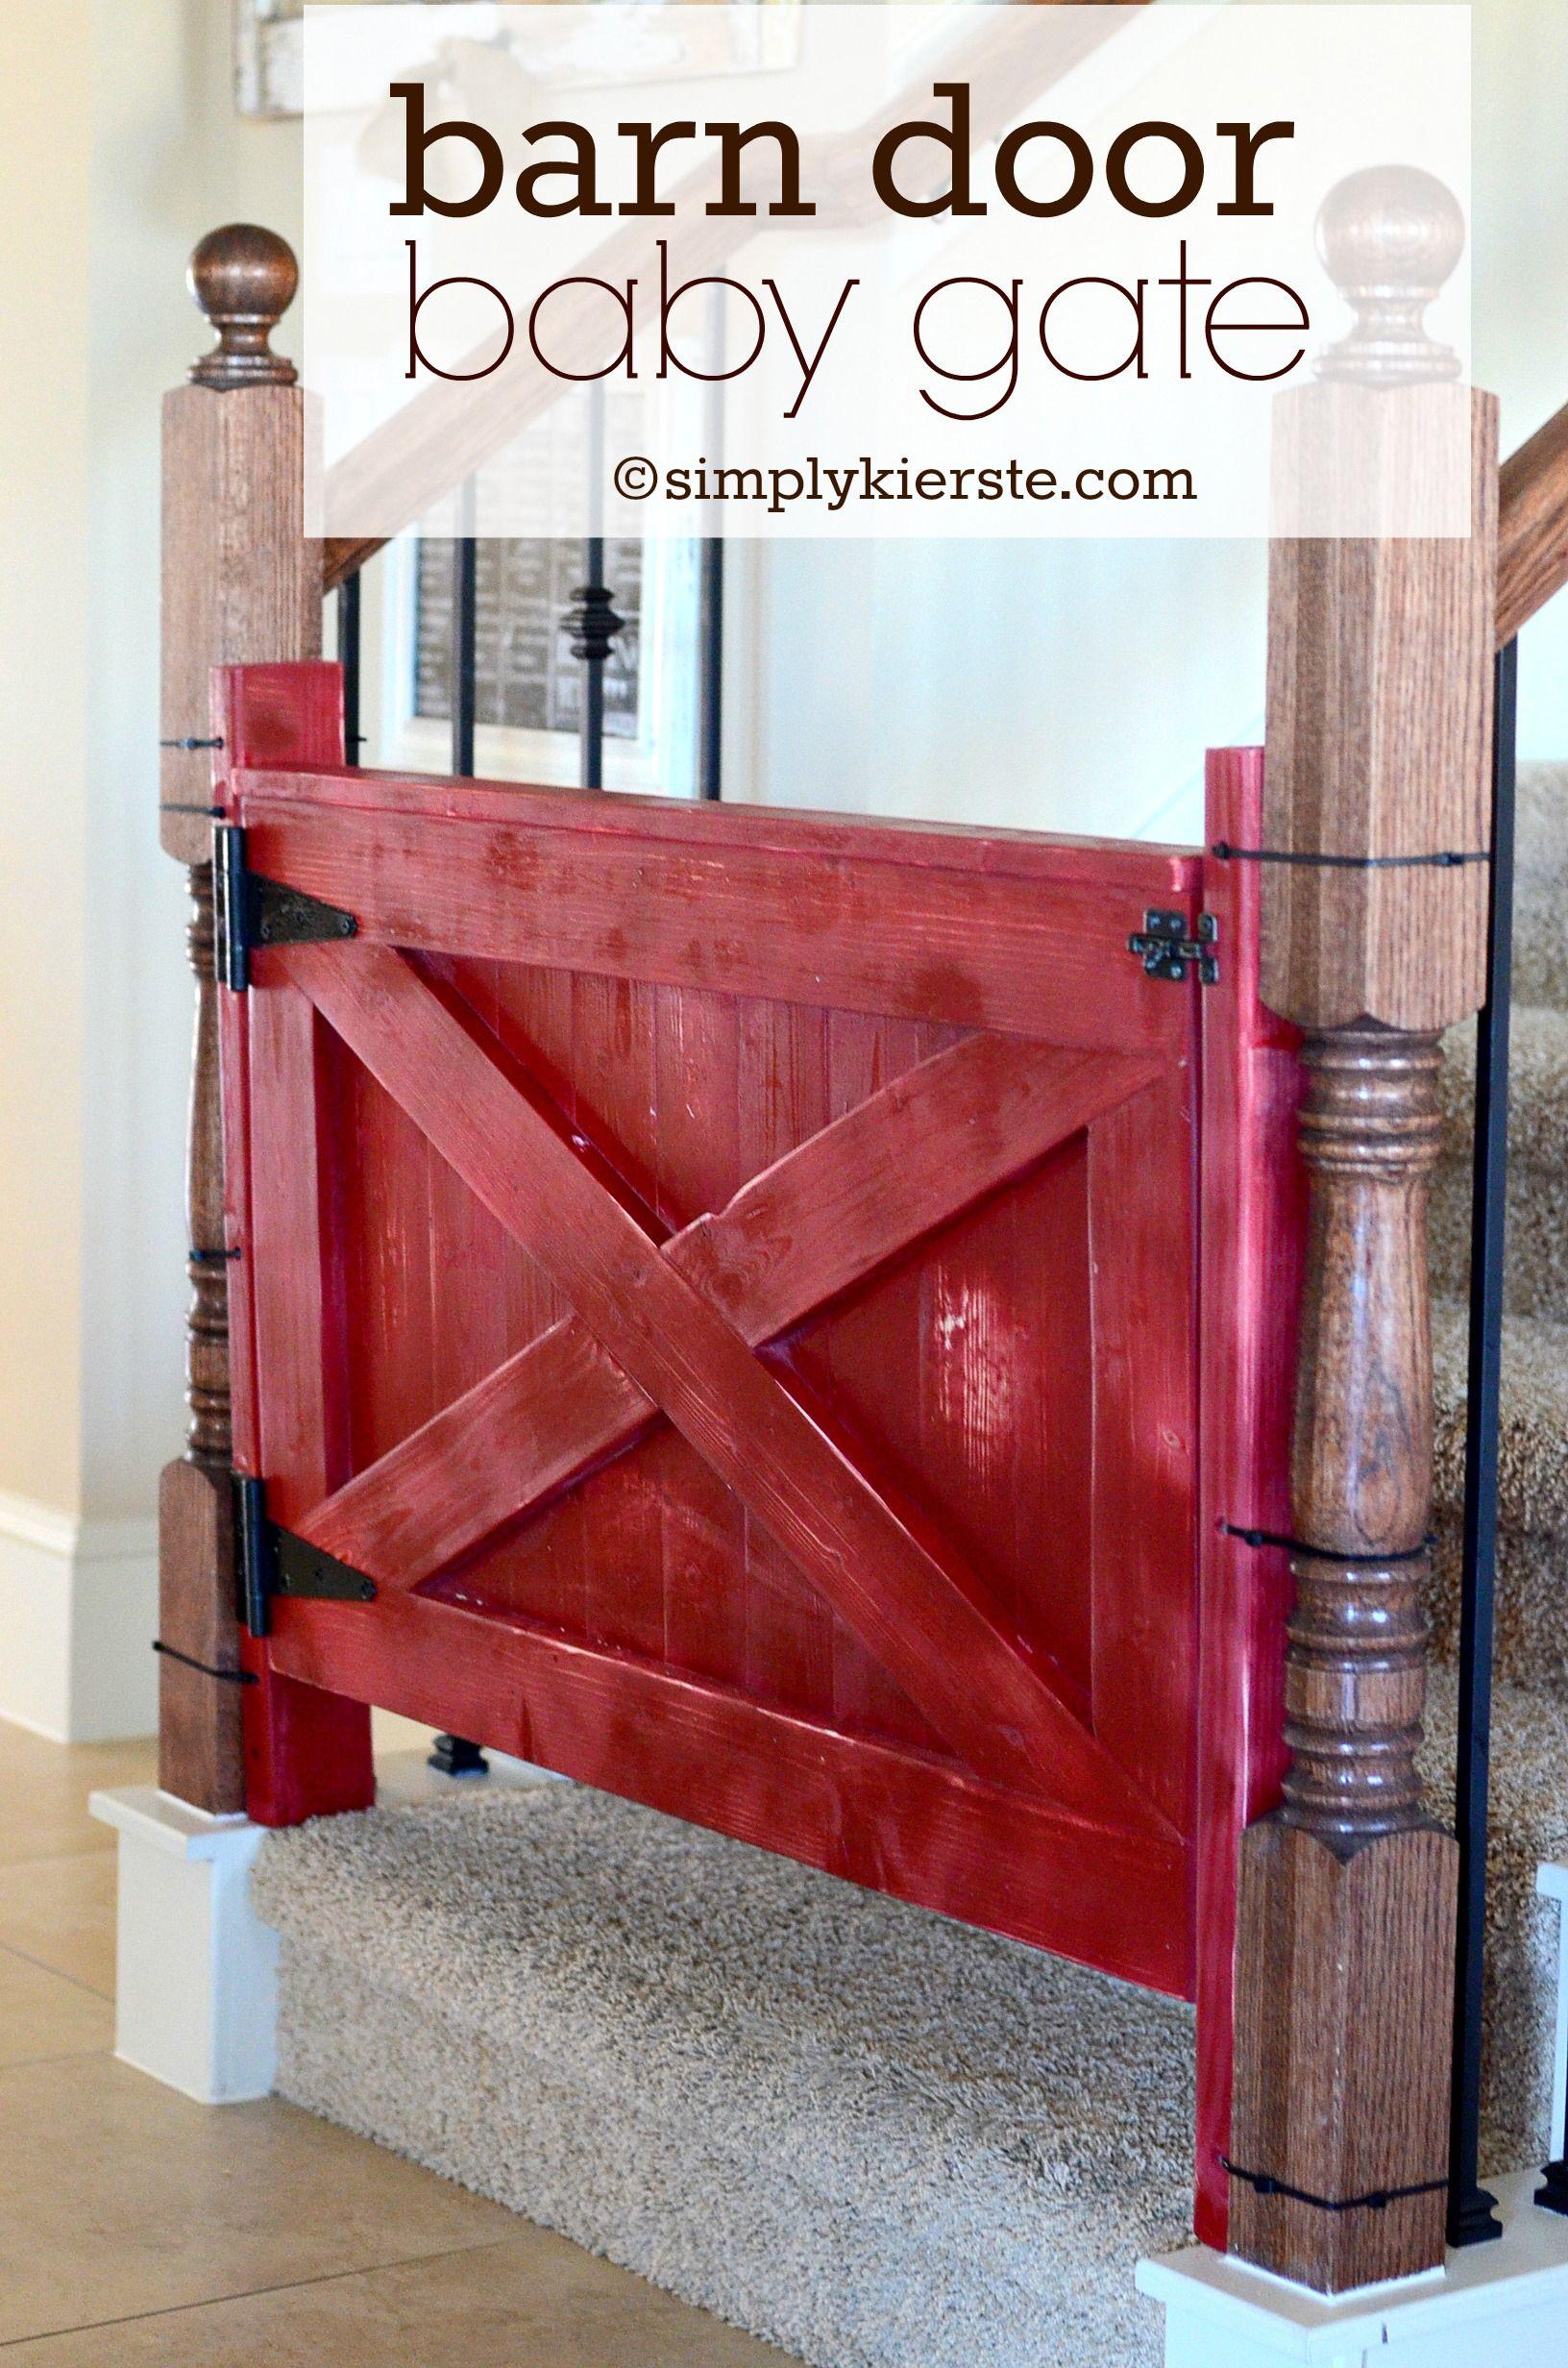 Info's : barn door baby gate | simplykierste.com